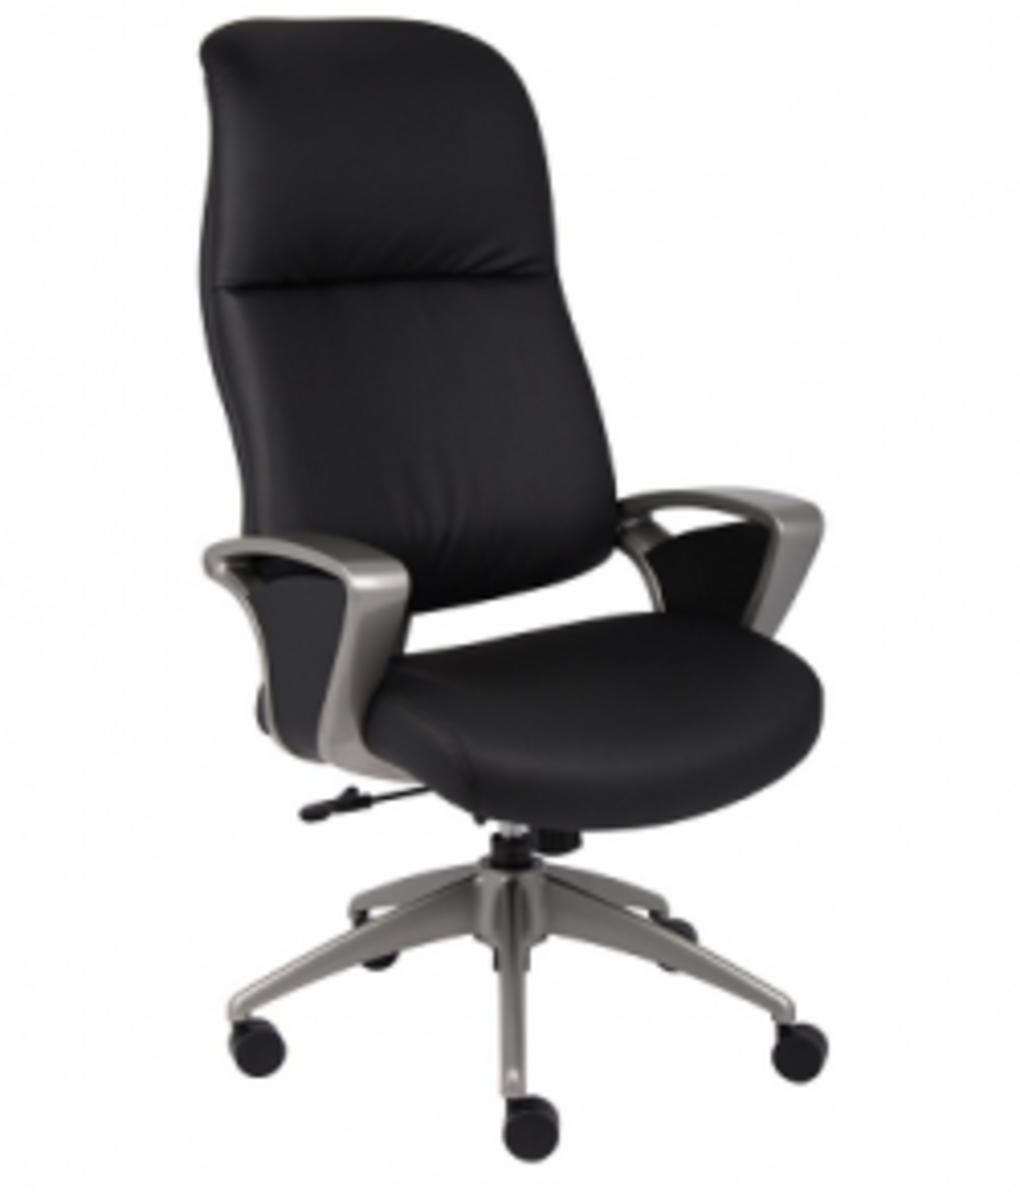 Amadeus High Back Executive Chair